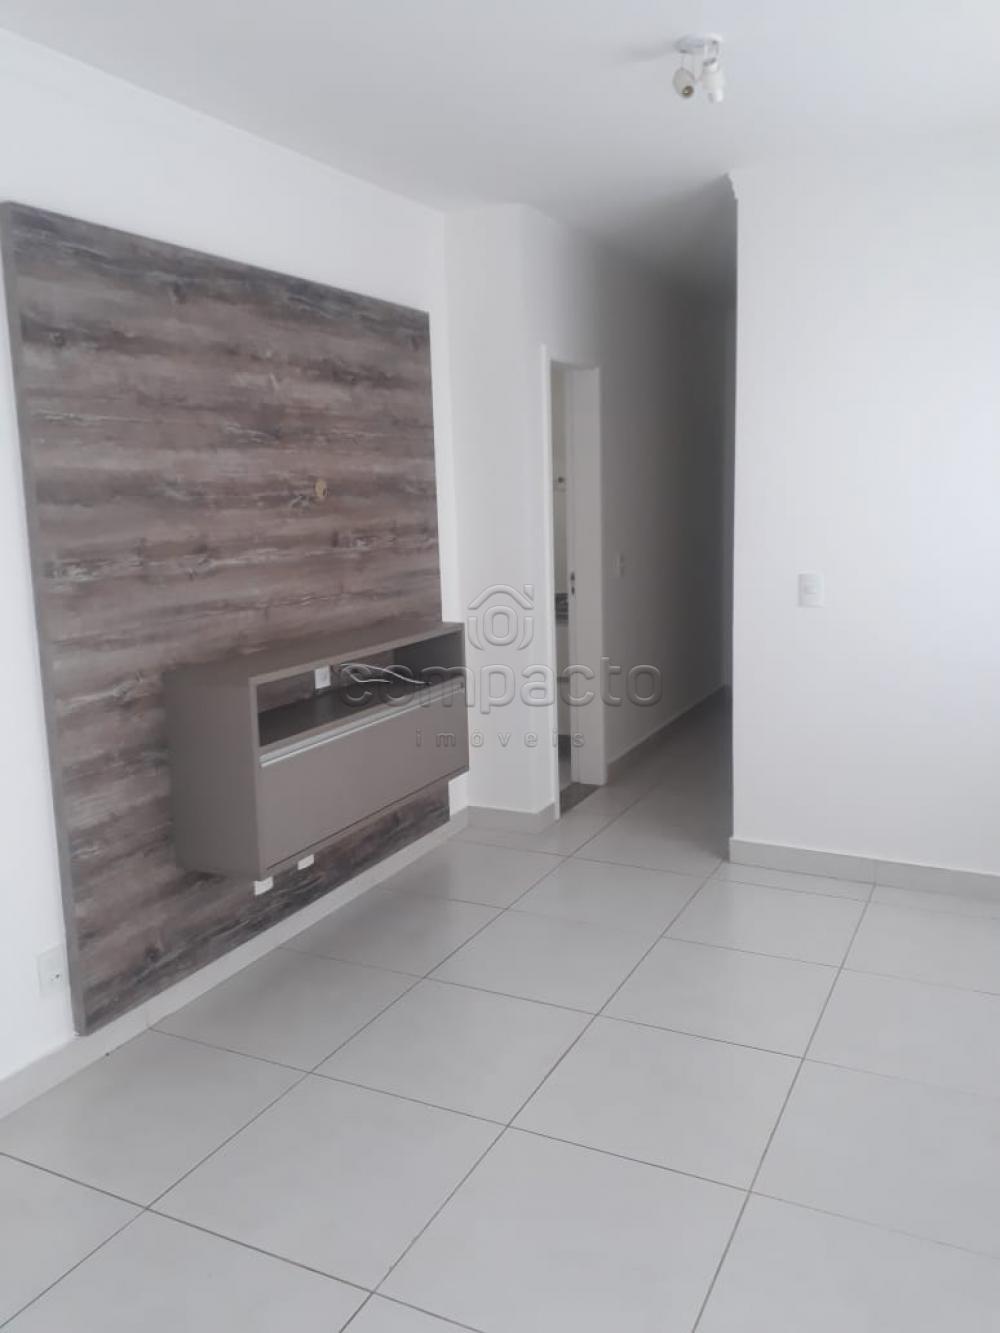 Alugar Apartamento / Padrão em São José do Rio Preto apenas R$ 1.450,00 - Foto 1